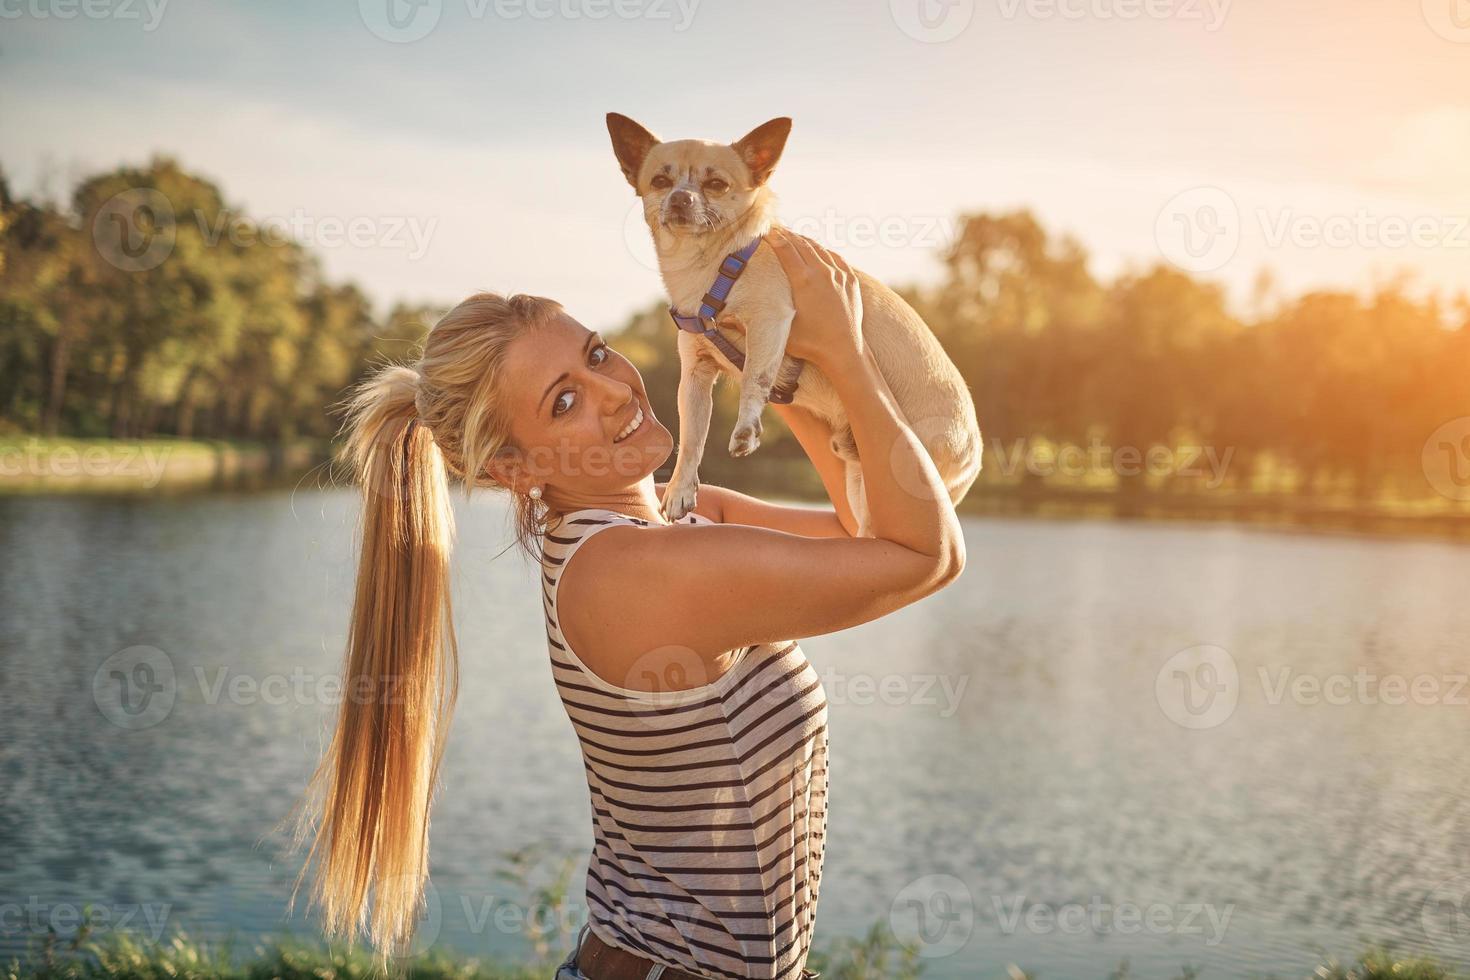 chica rubia y chihuahua foto